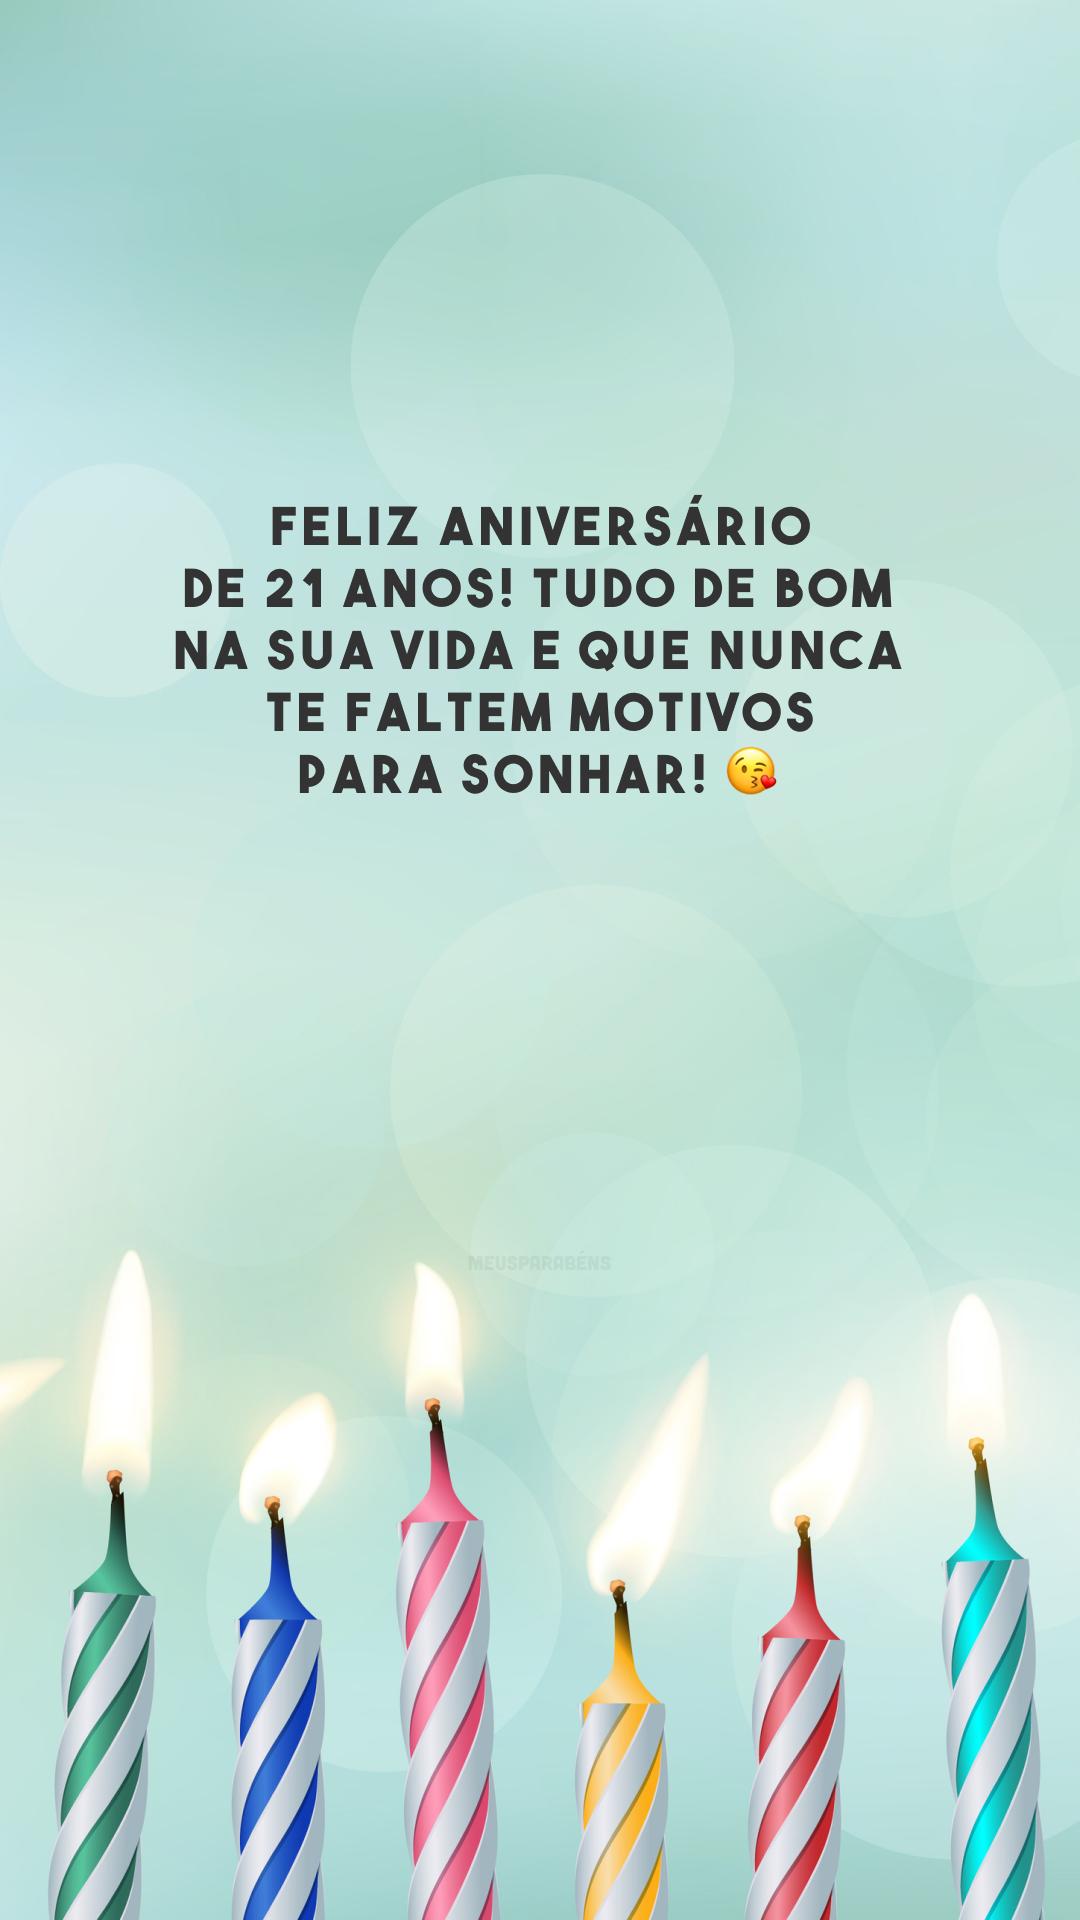 Feliz aniversário de 21 anos! Tudo de bom na sua vida e que nunca te faltem motivos para sonhar! 😘